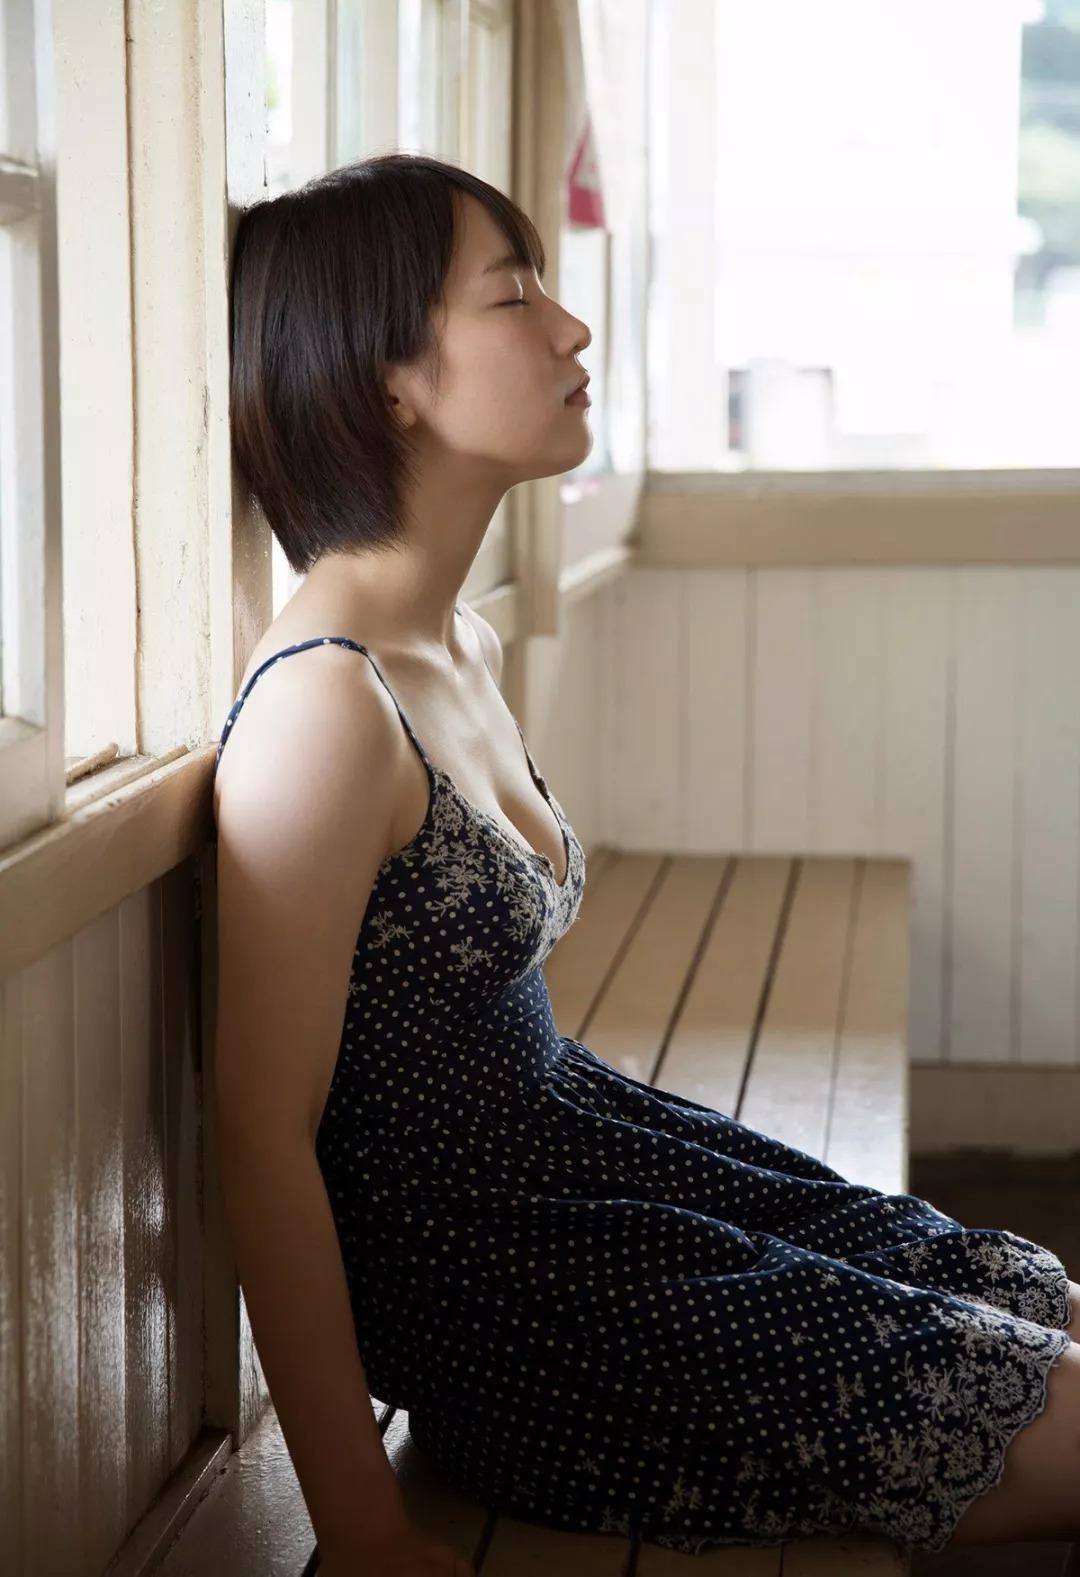 治愈系魔性之女吉冈里帆写真作品 (90)